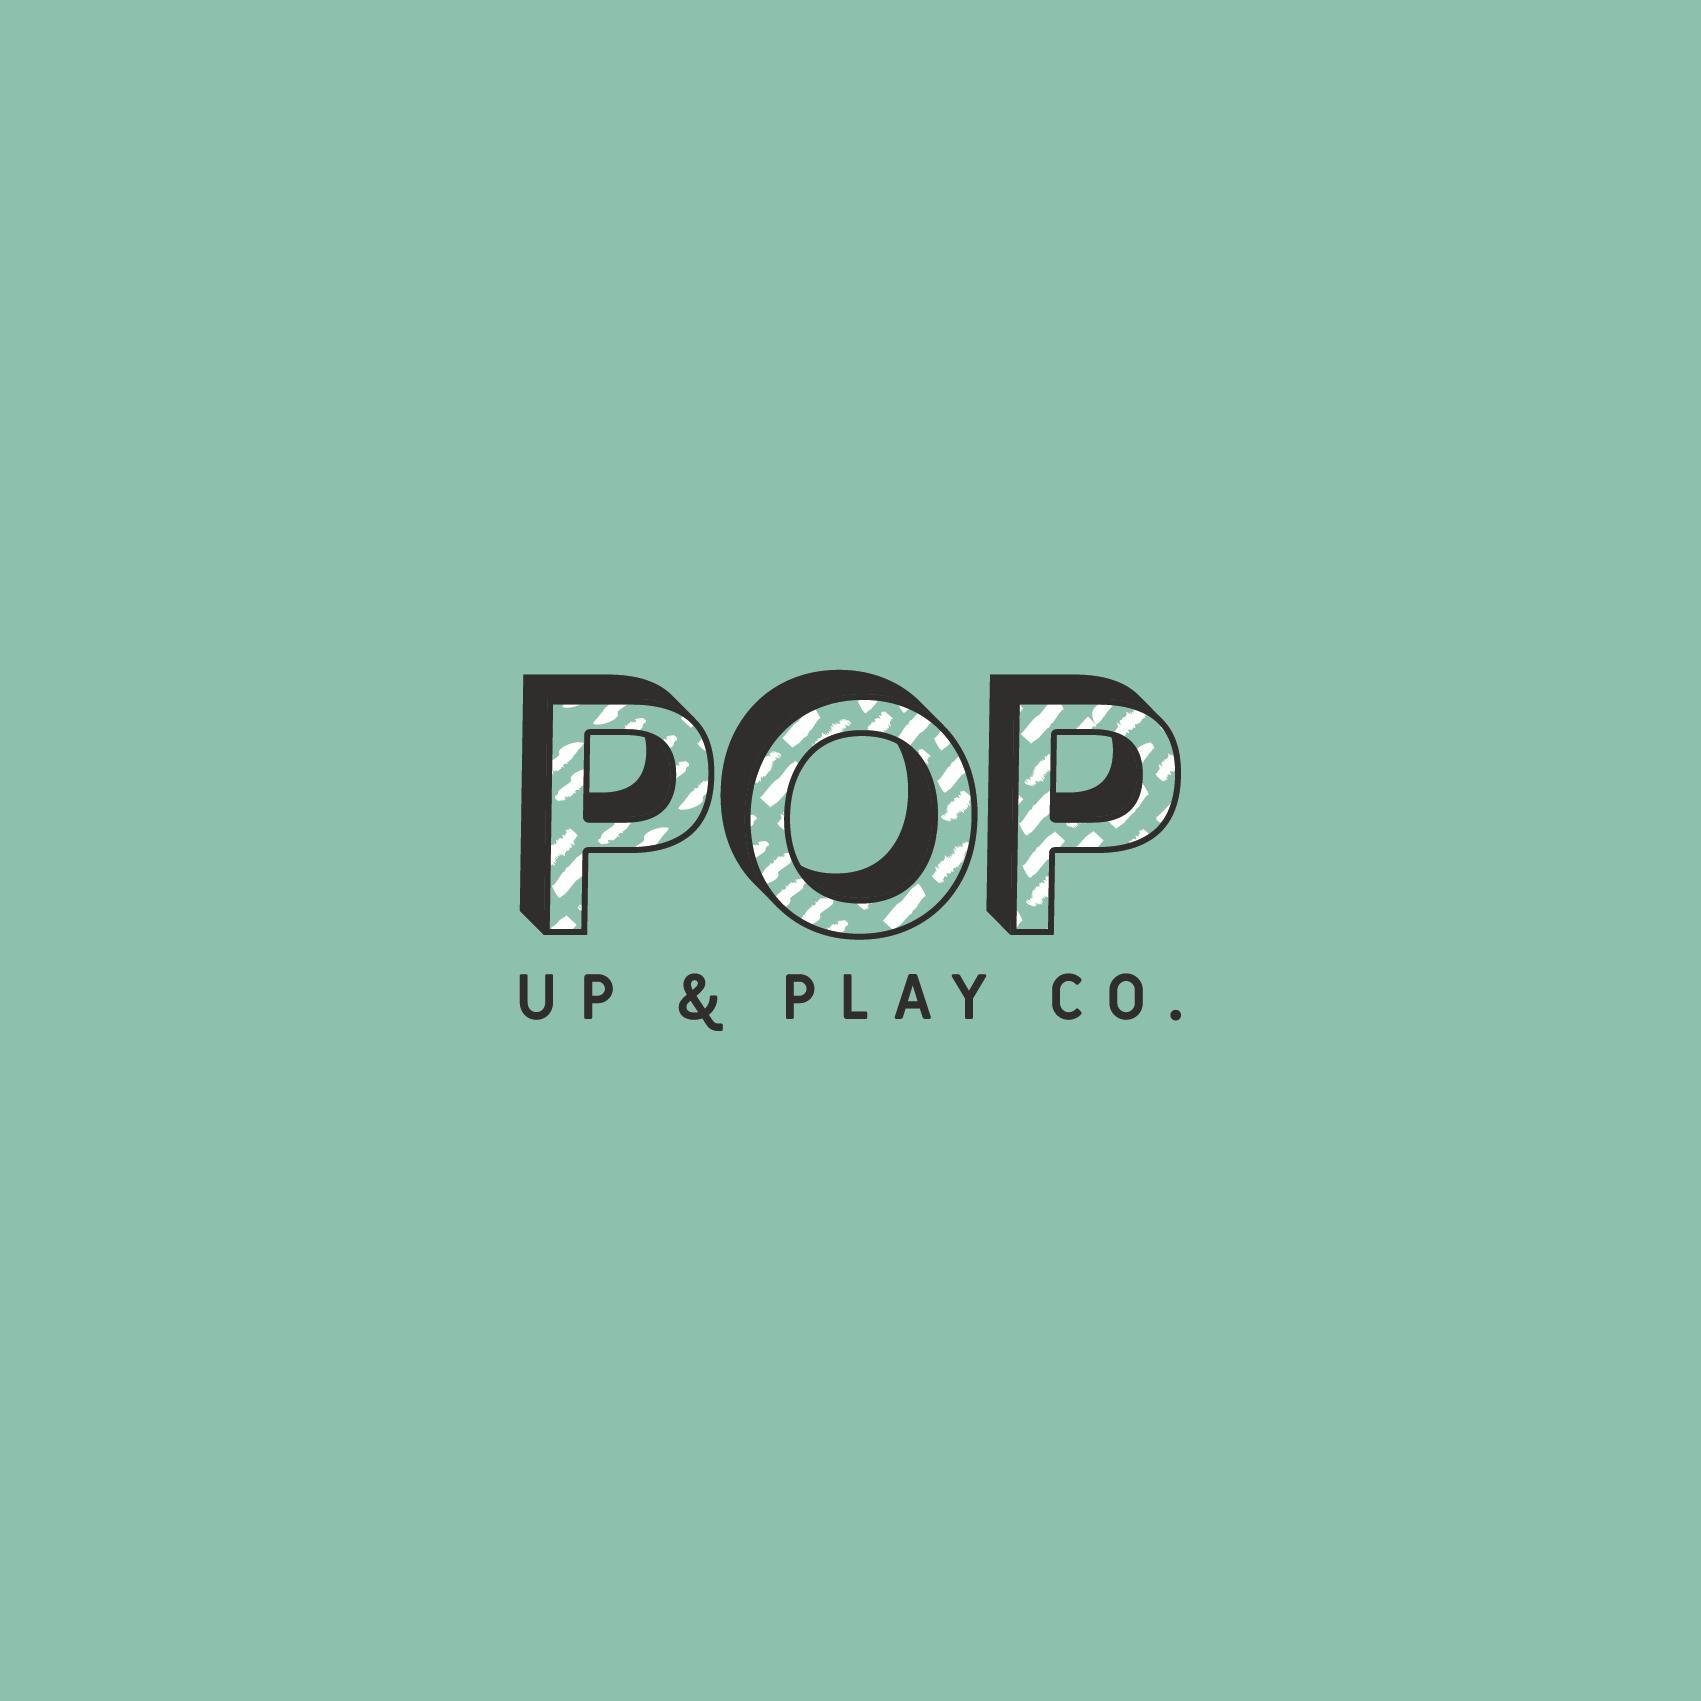 Pop Green Sq@2x.png